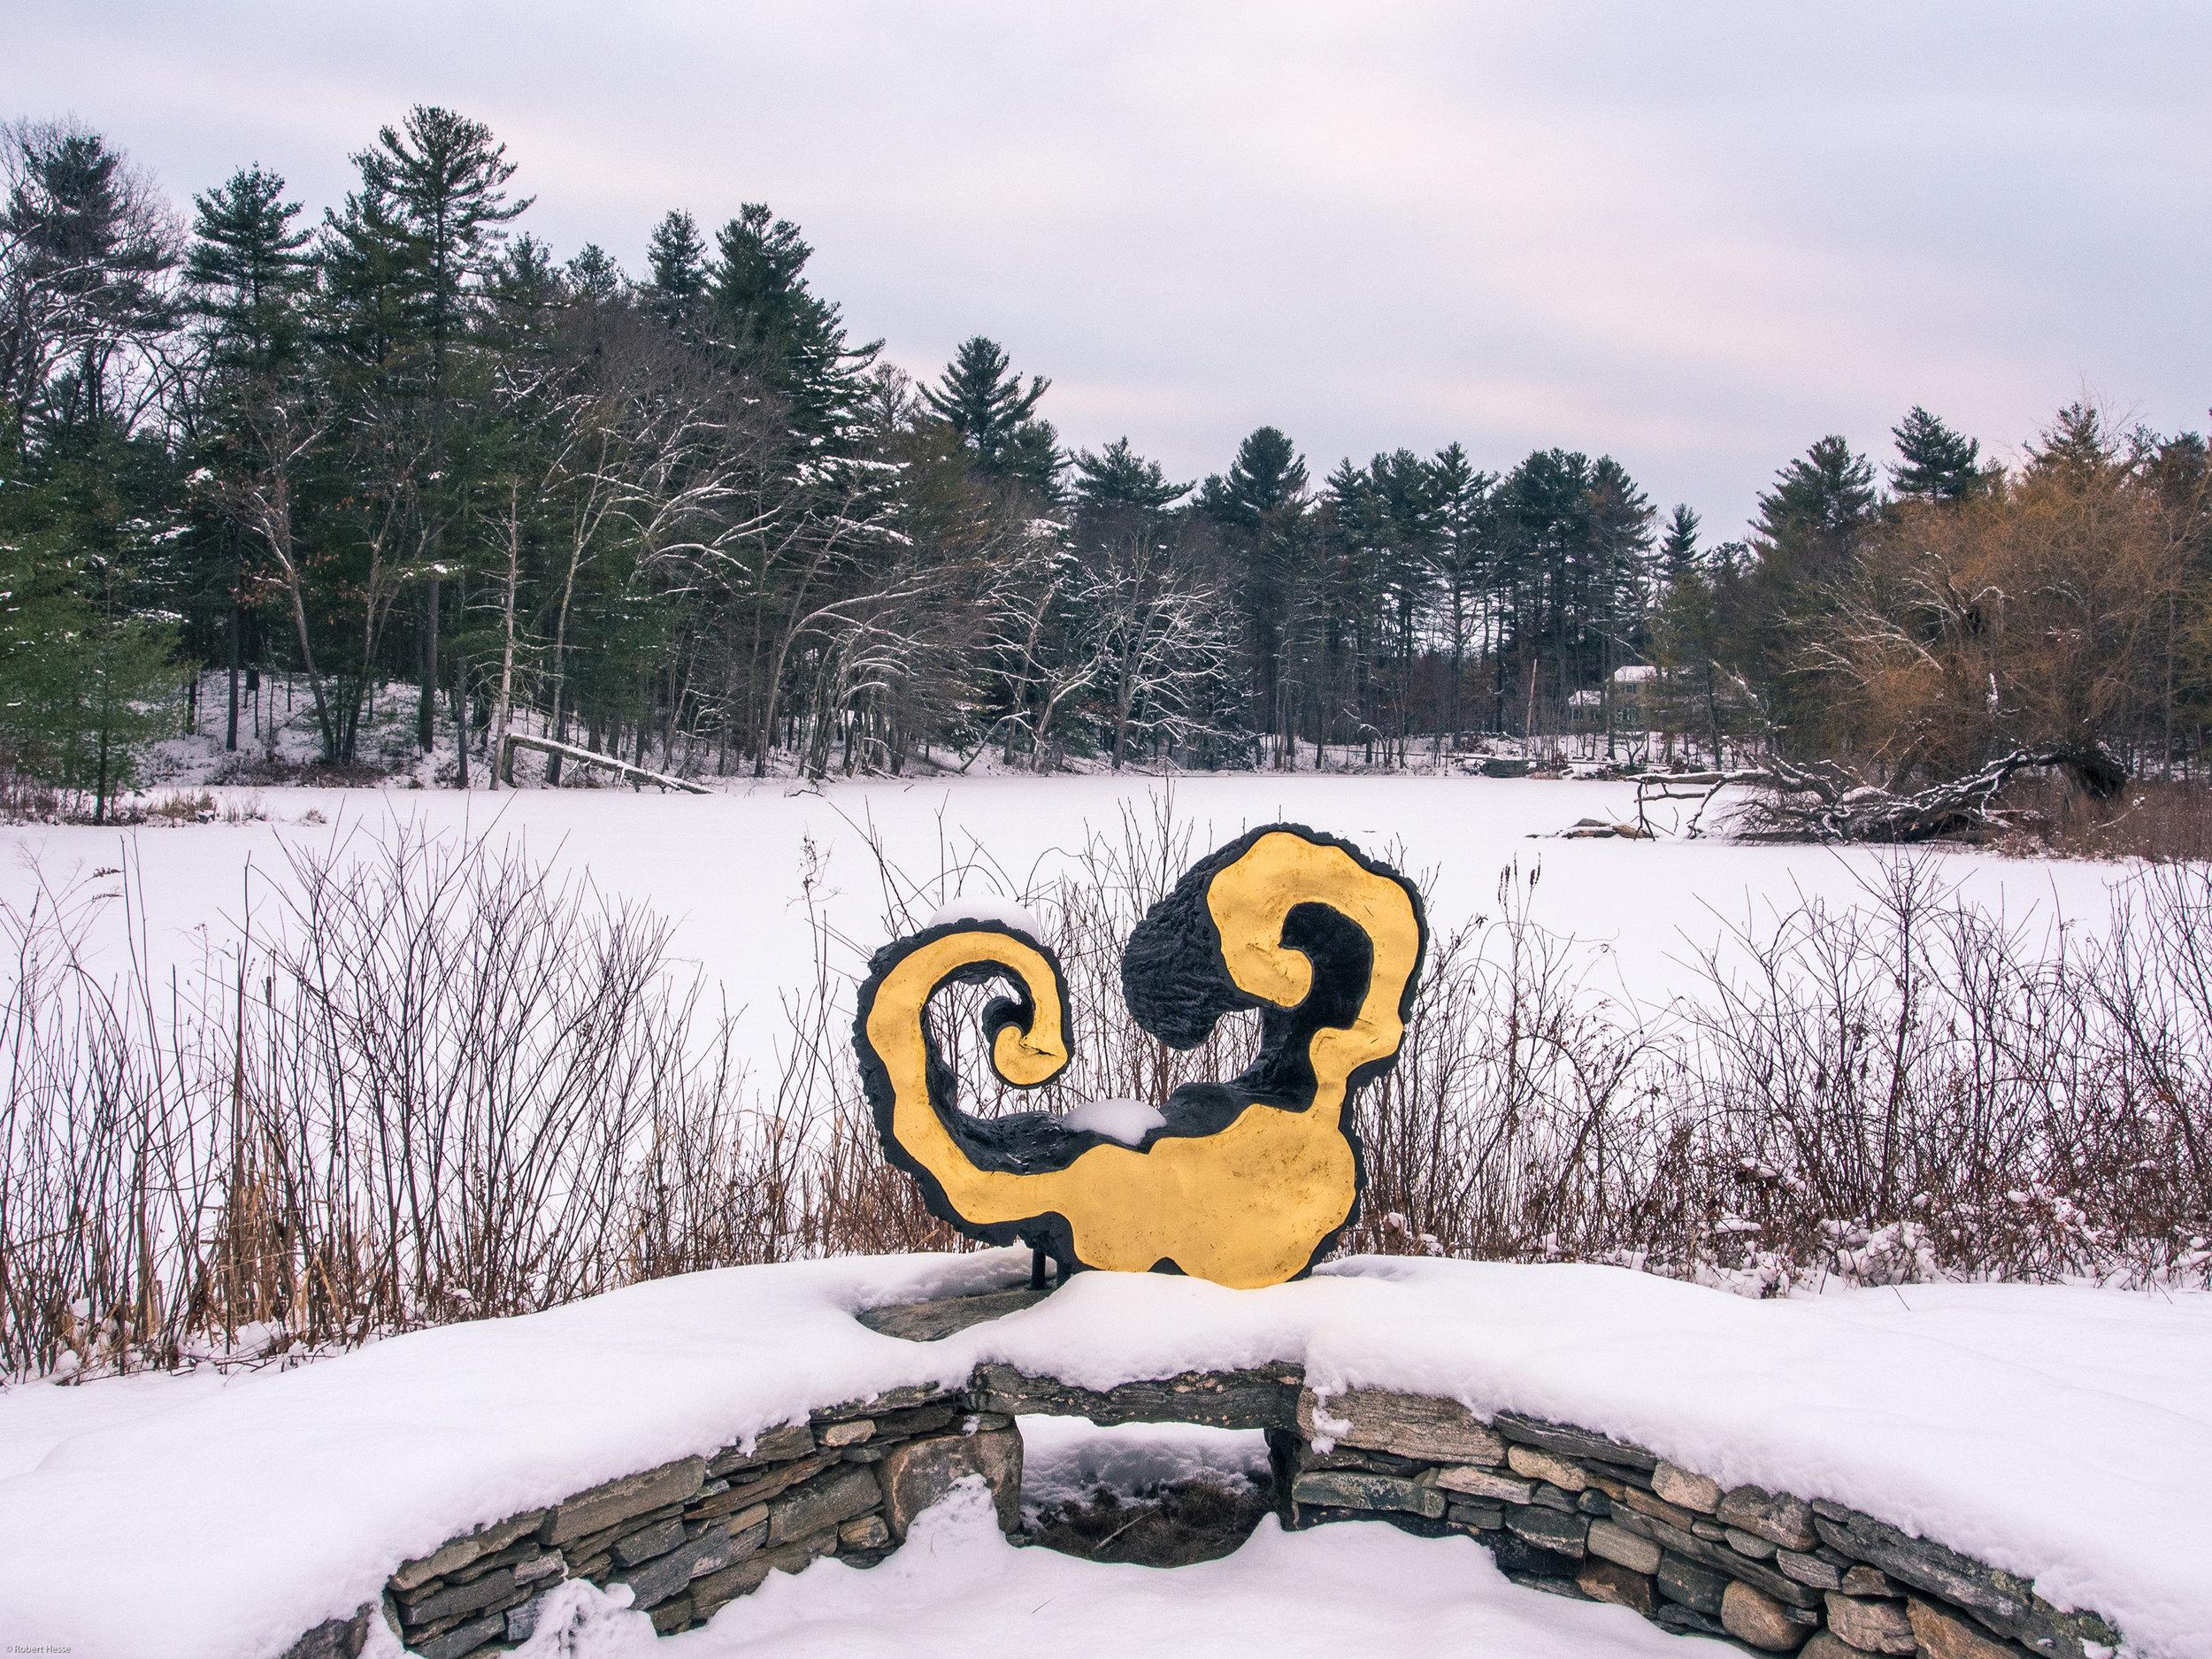 Sculpture_snow5.jpg